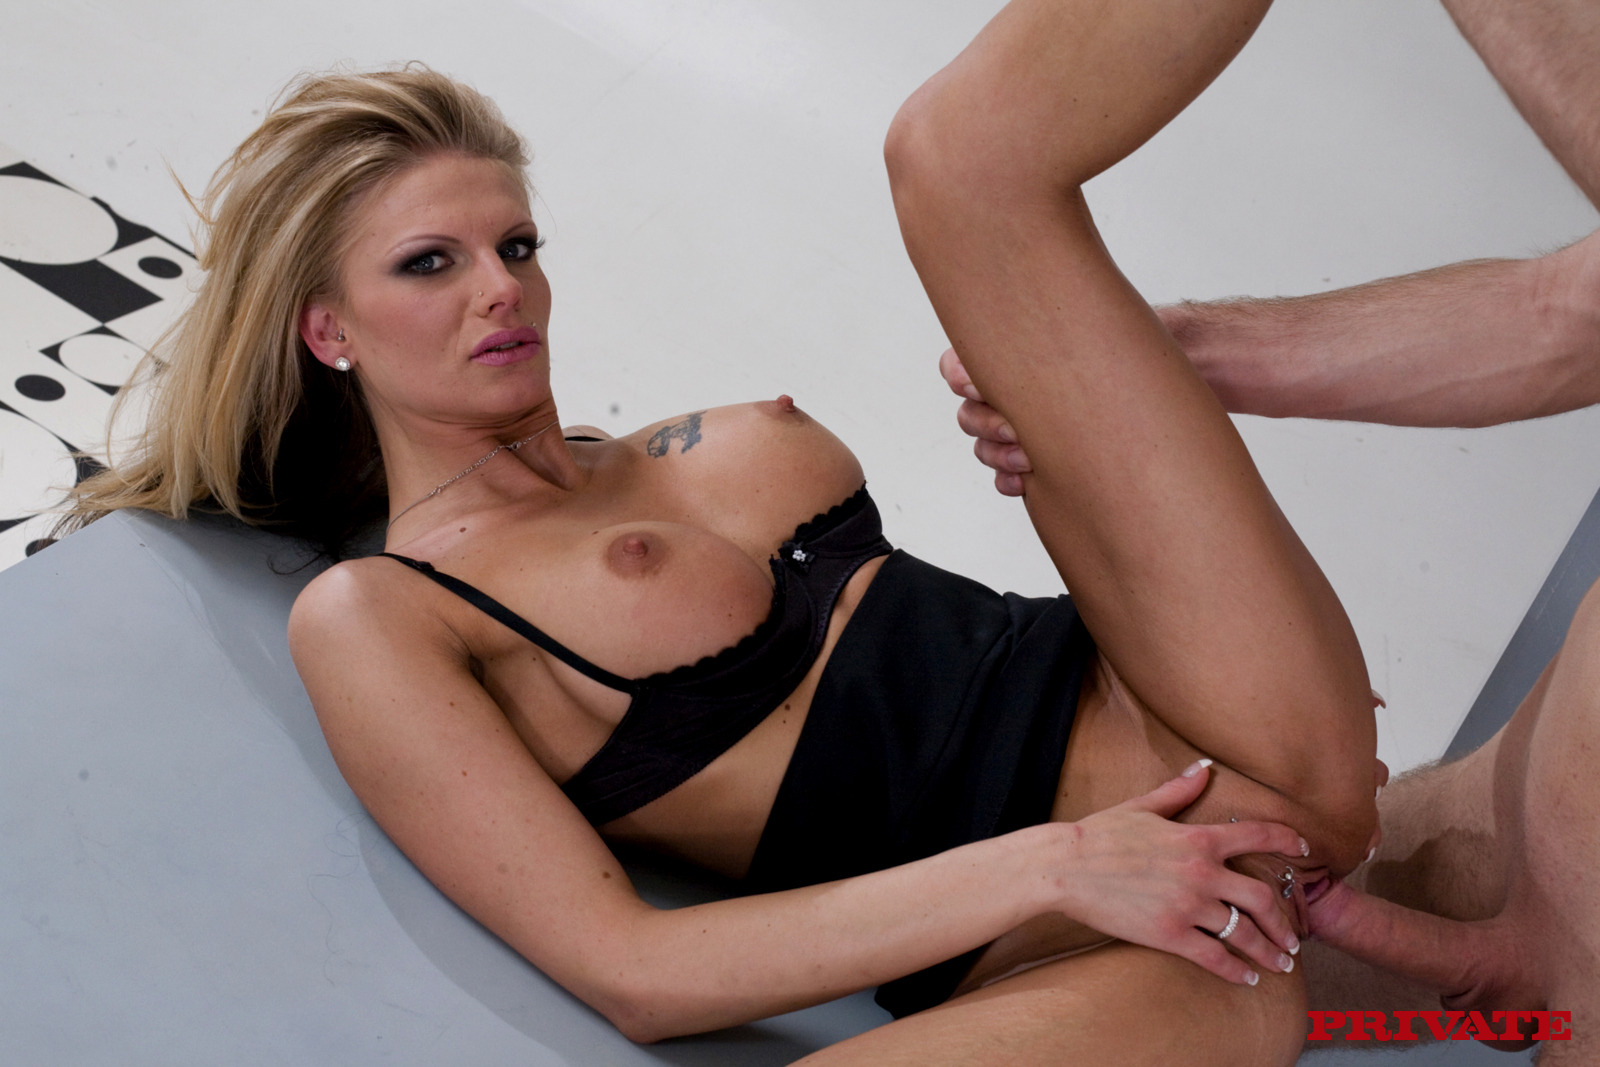 Lulu lustern porn